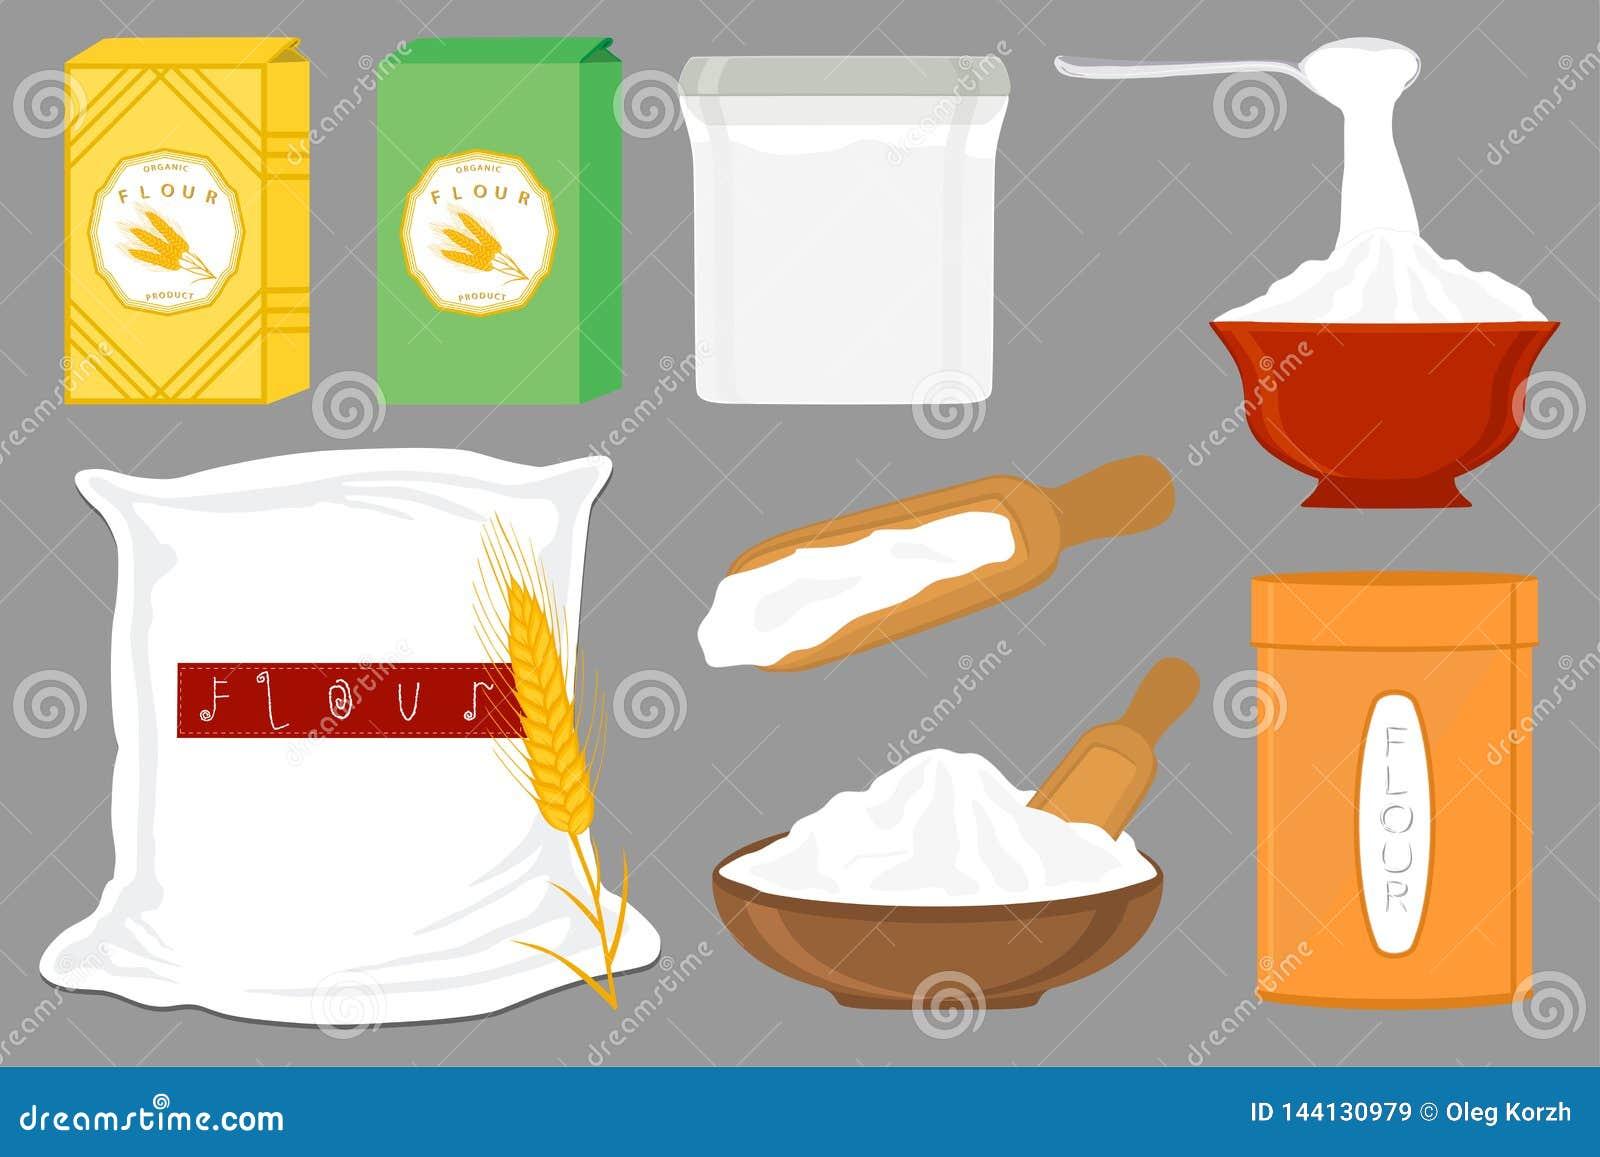 Ilustracja na temat?w du?ych ustalonych r??nych typach dishware wype?nia? pszeniczn? m?k?